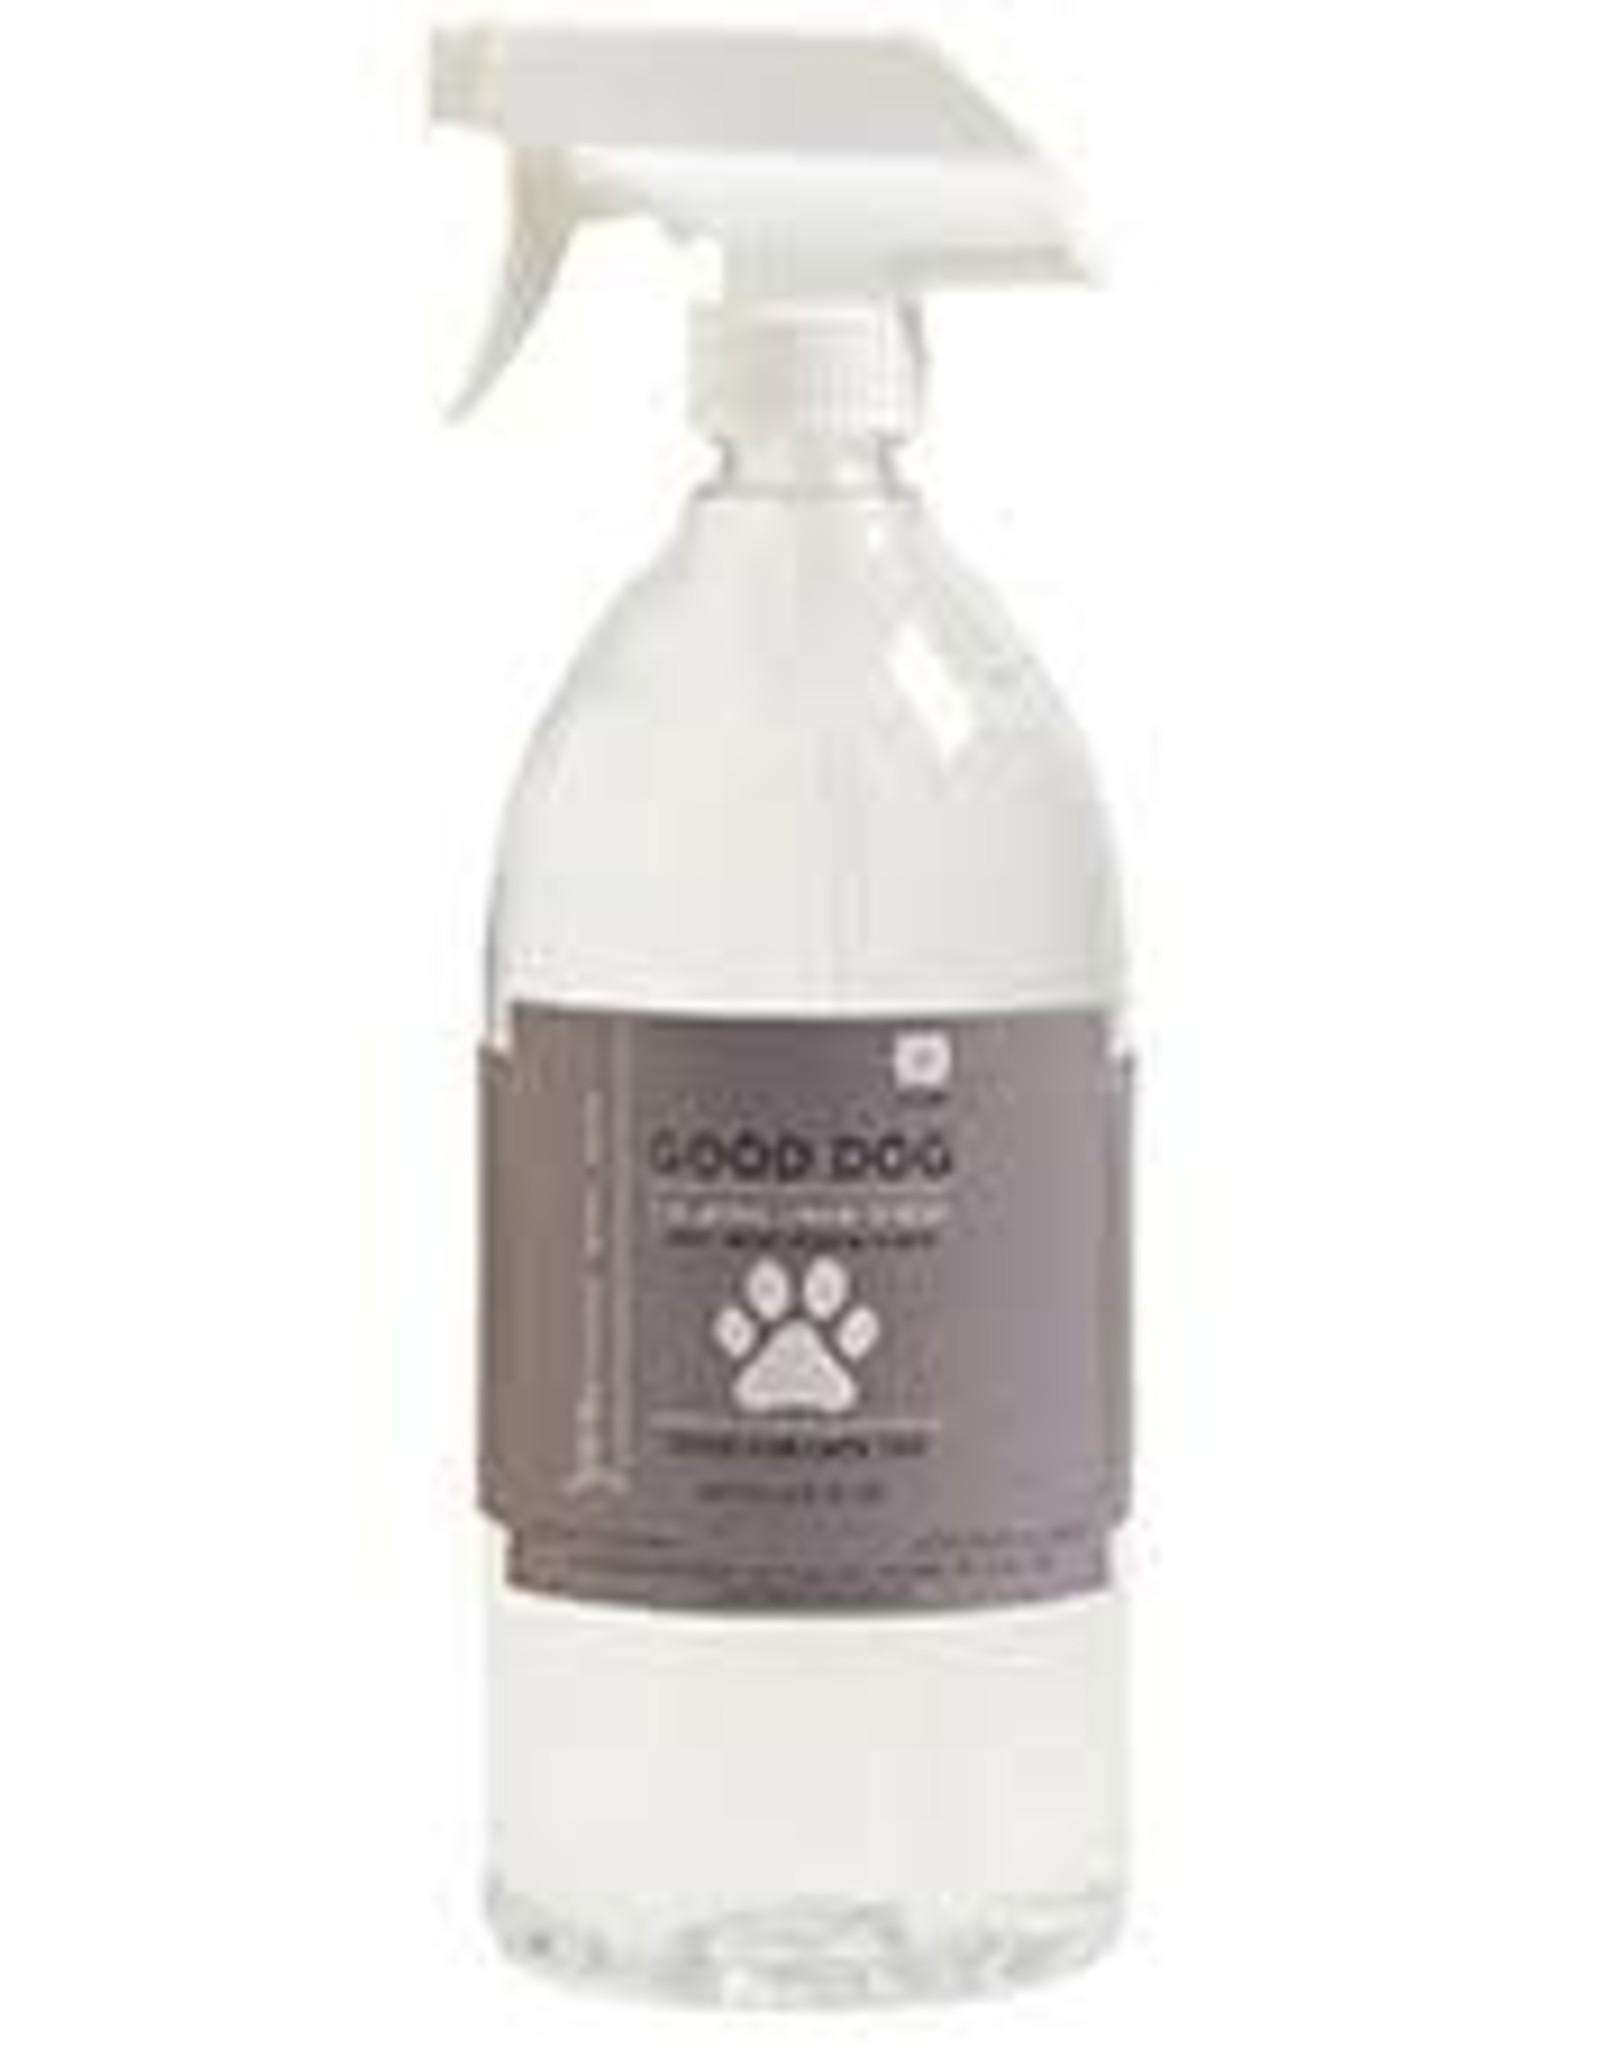 Hillhouse Naturals Good Dog Linen Spray